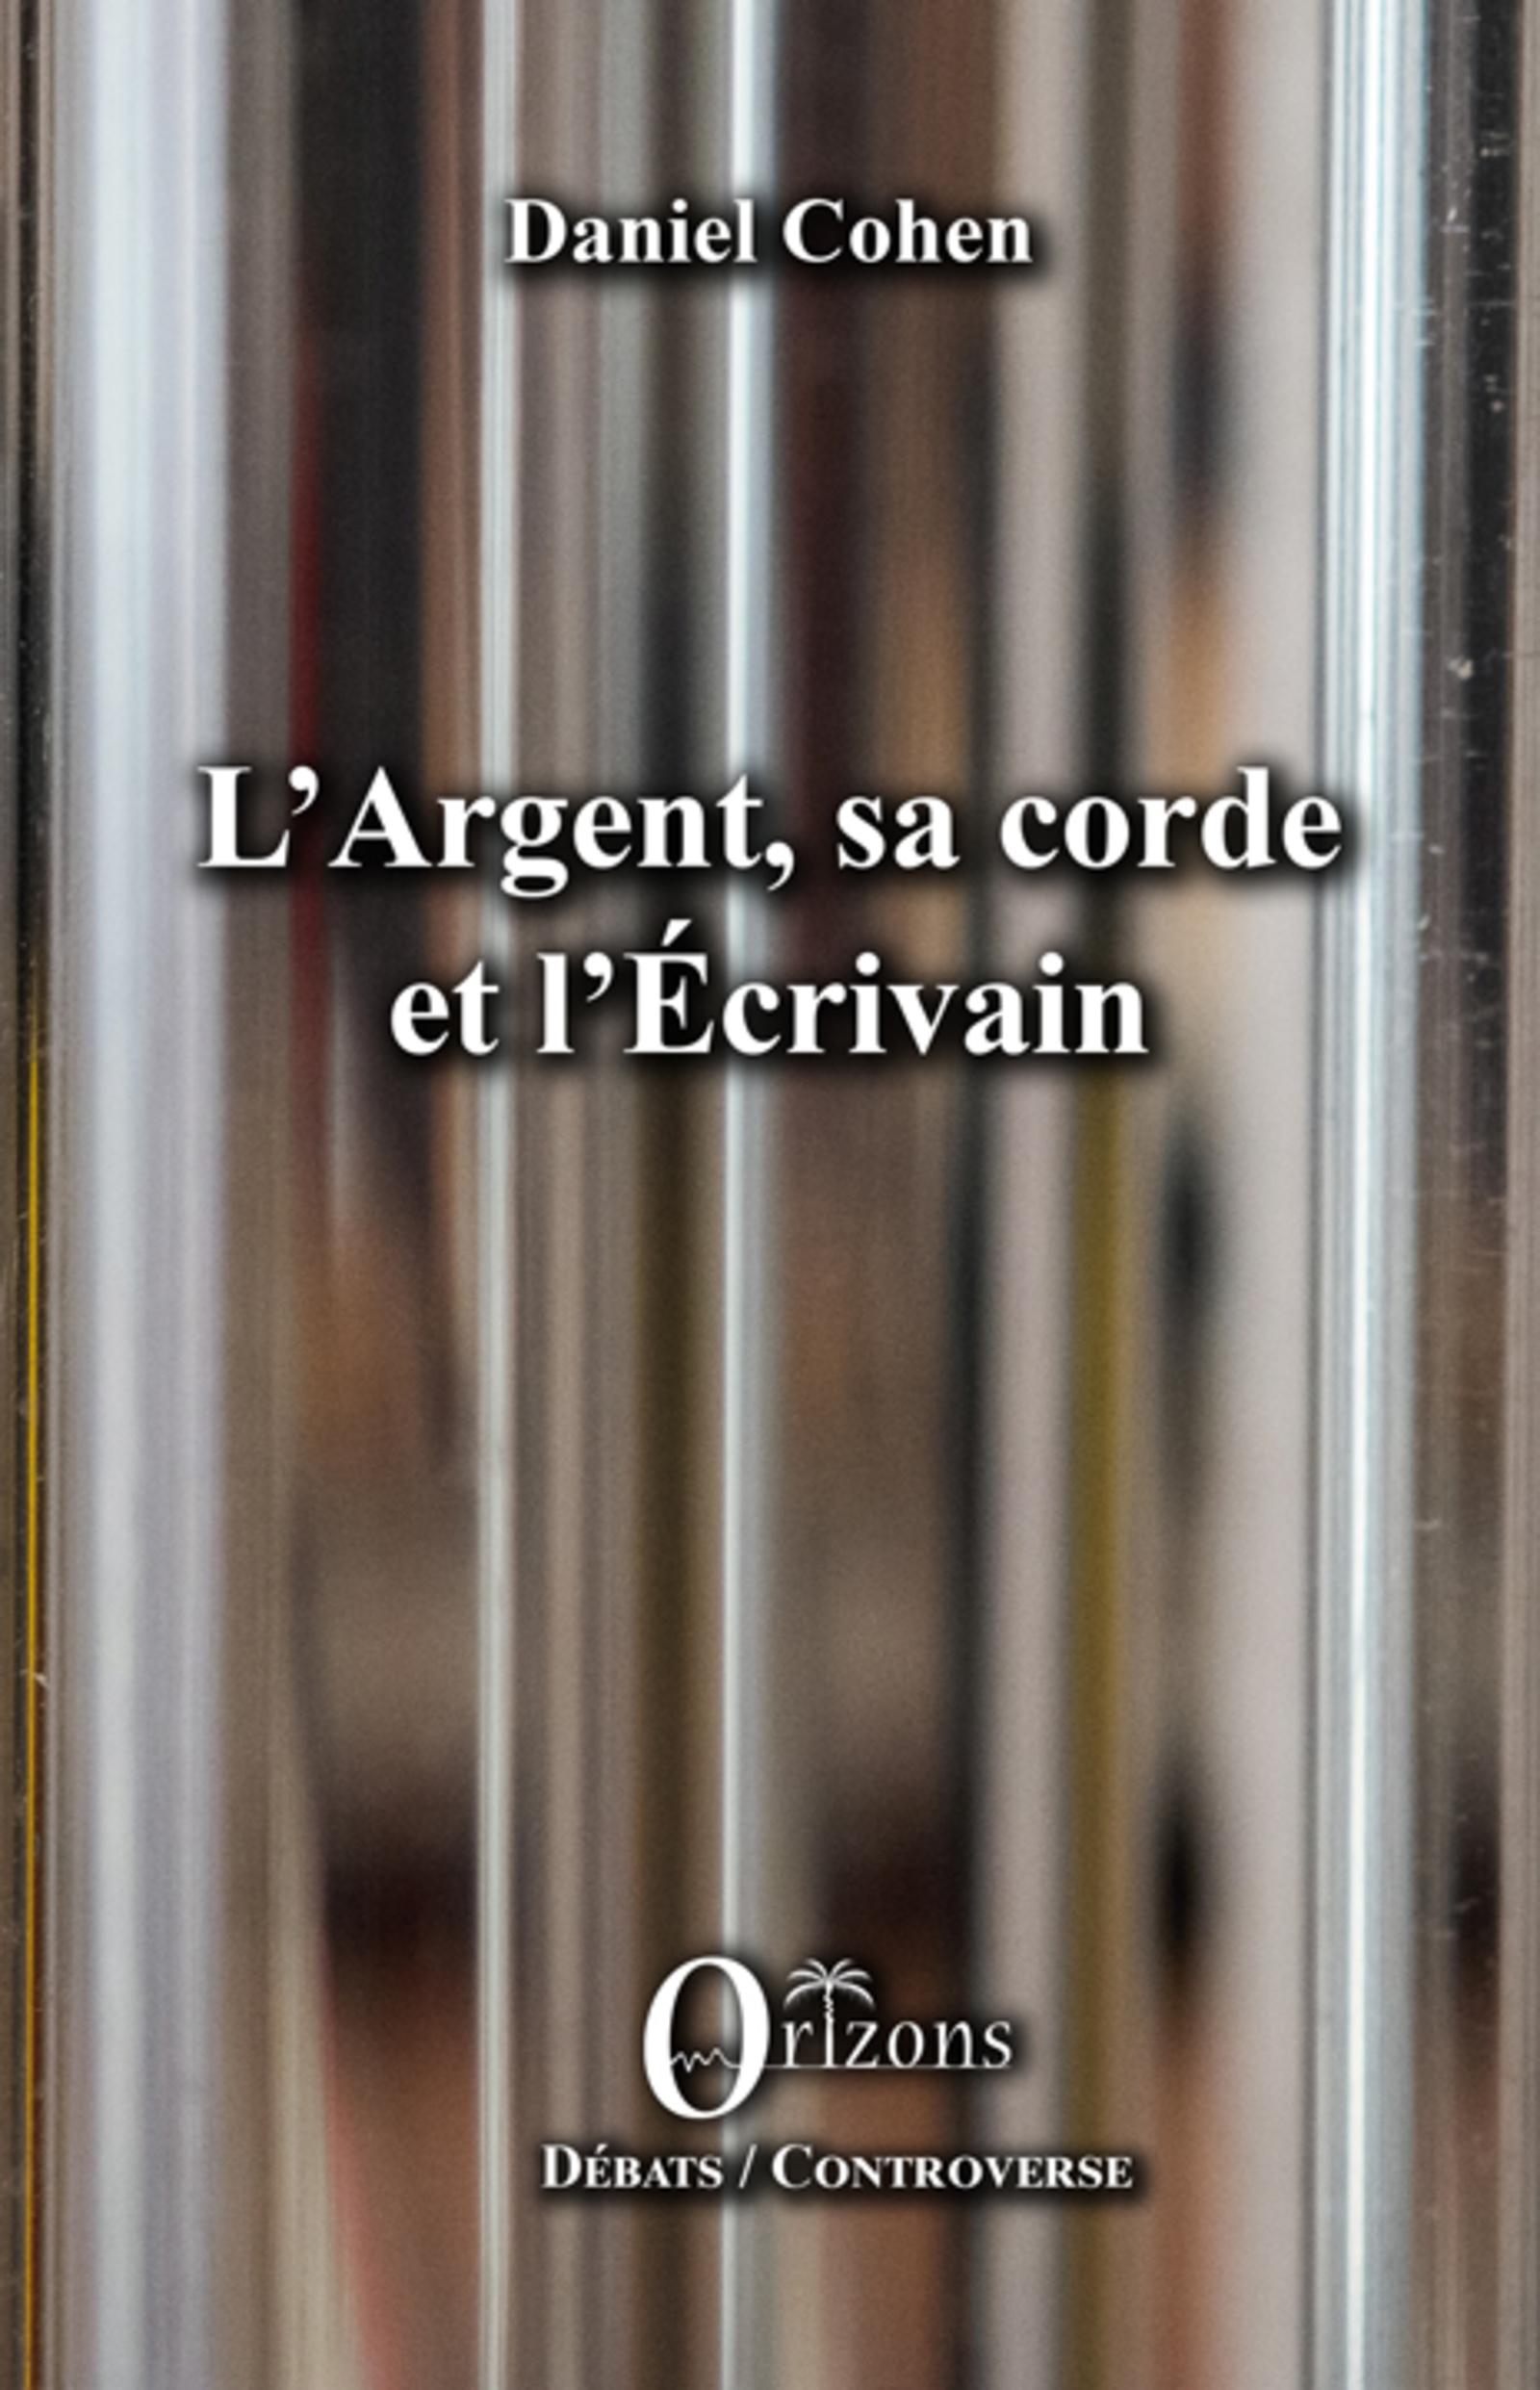 L'Argent, sa corde